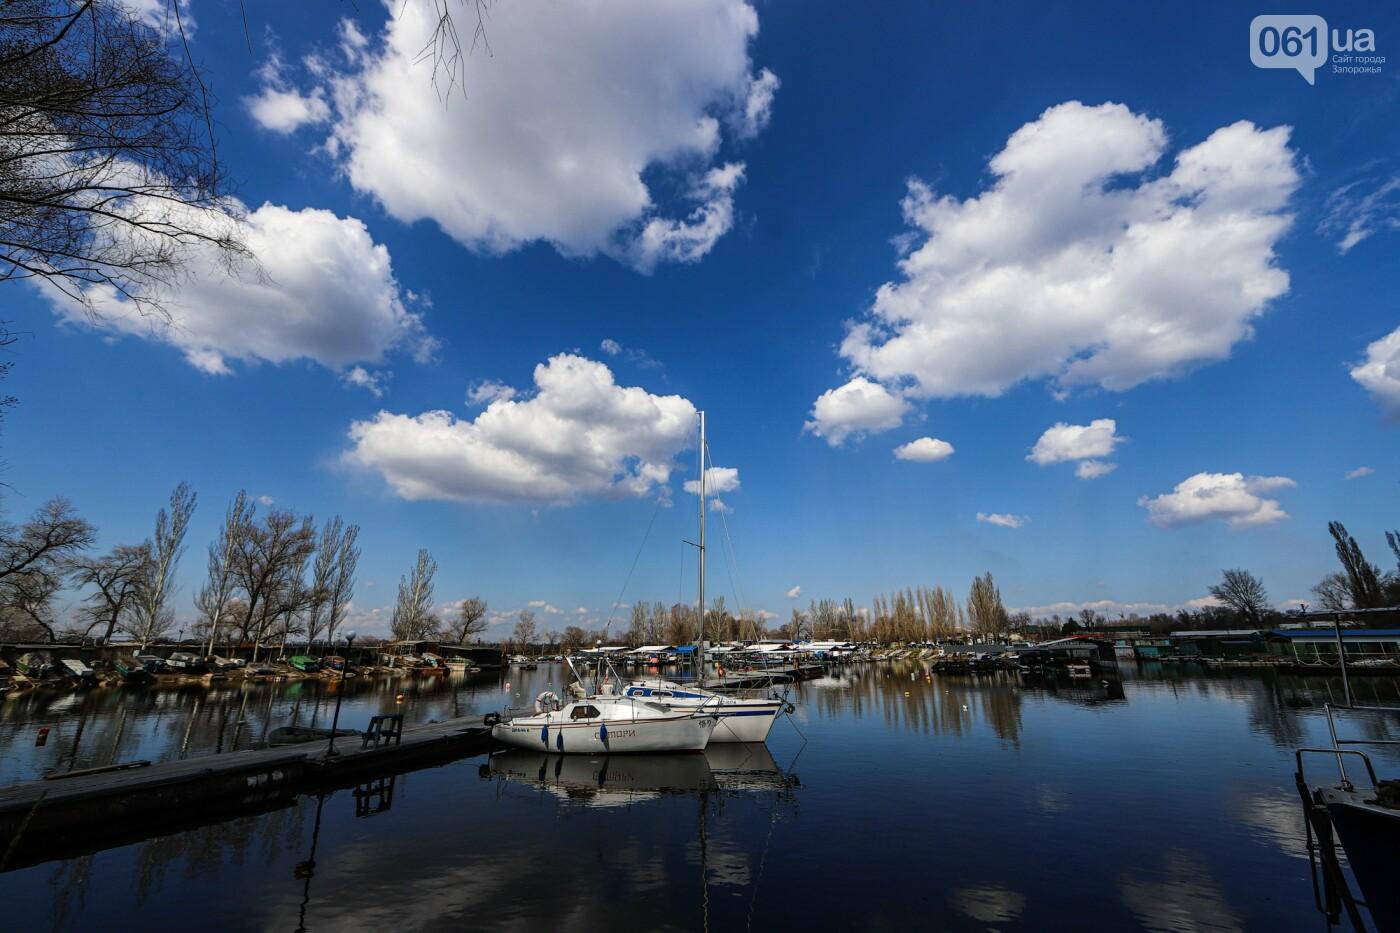 «Семь футов под килем!»: как в запорожском яхт-клубе спускали судна на воду, - ФОТОРЕПОРТАЖ , фото-43